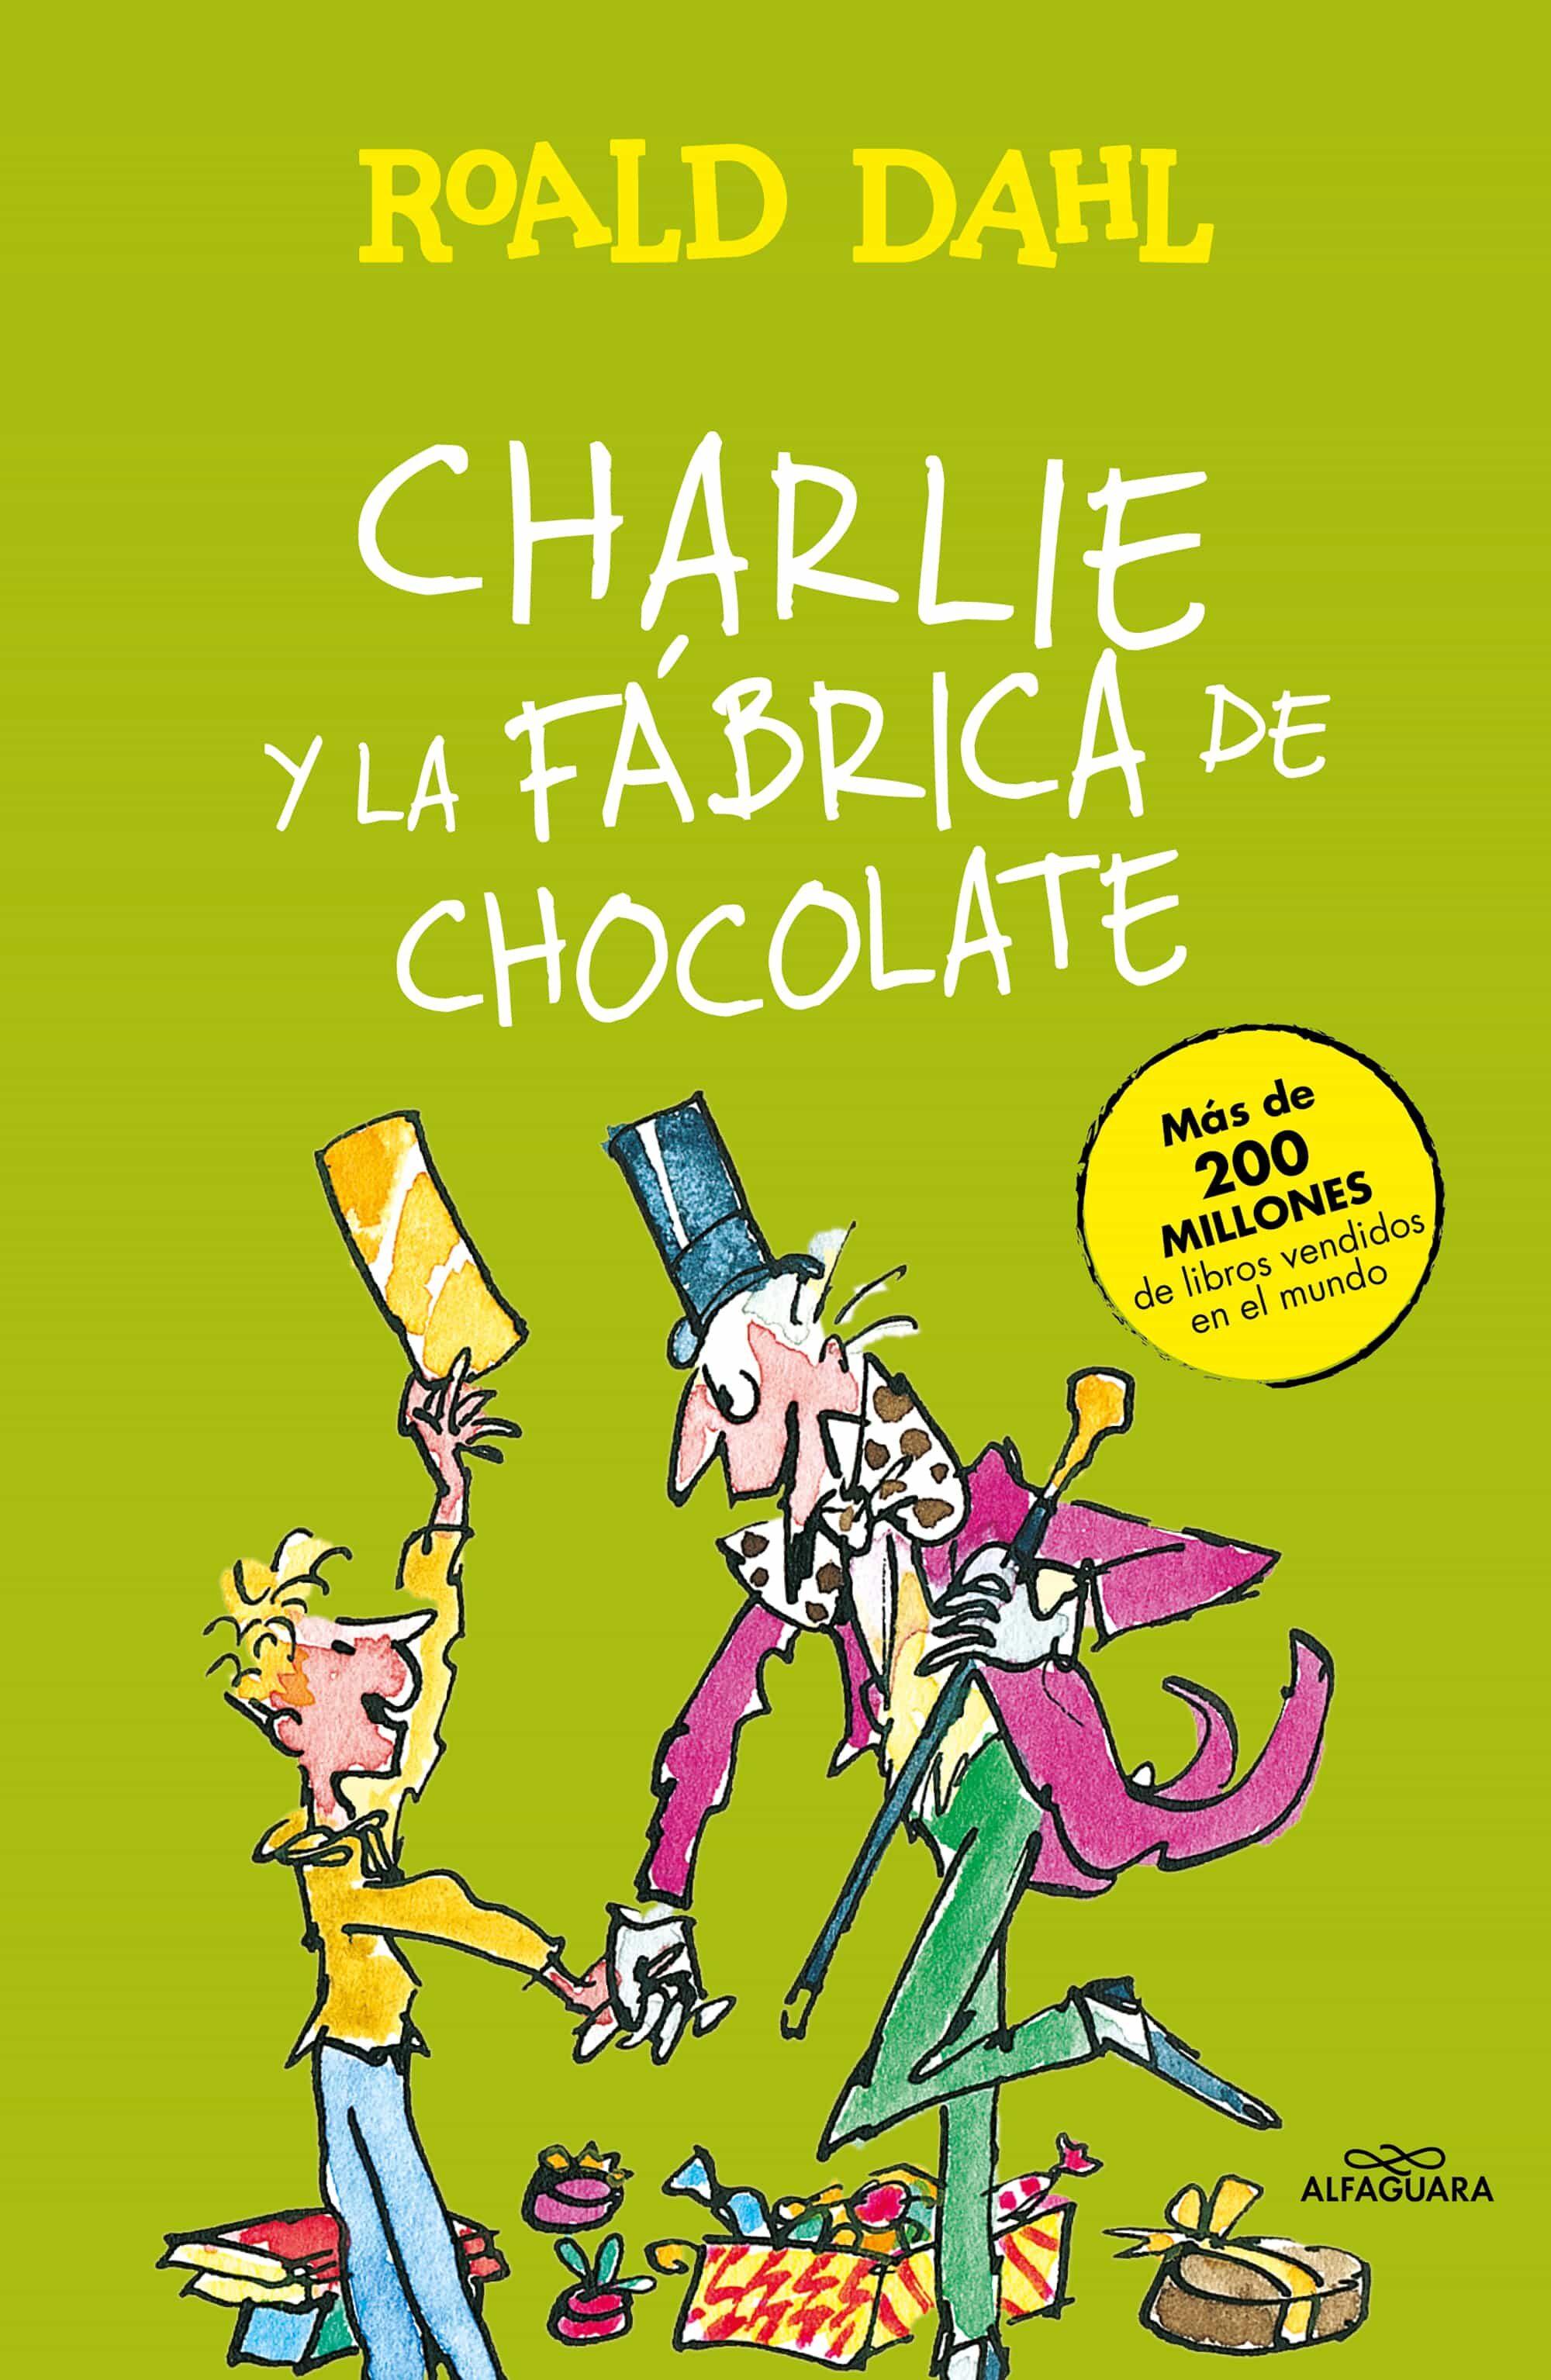 Resultado de imagen de Charlie y la fábrica de chocolate, Roald Dahl Alfaguara